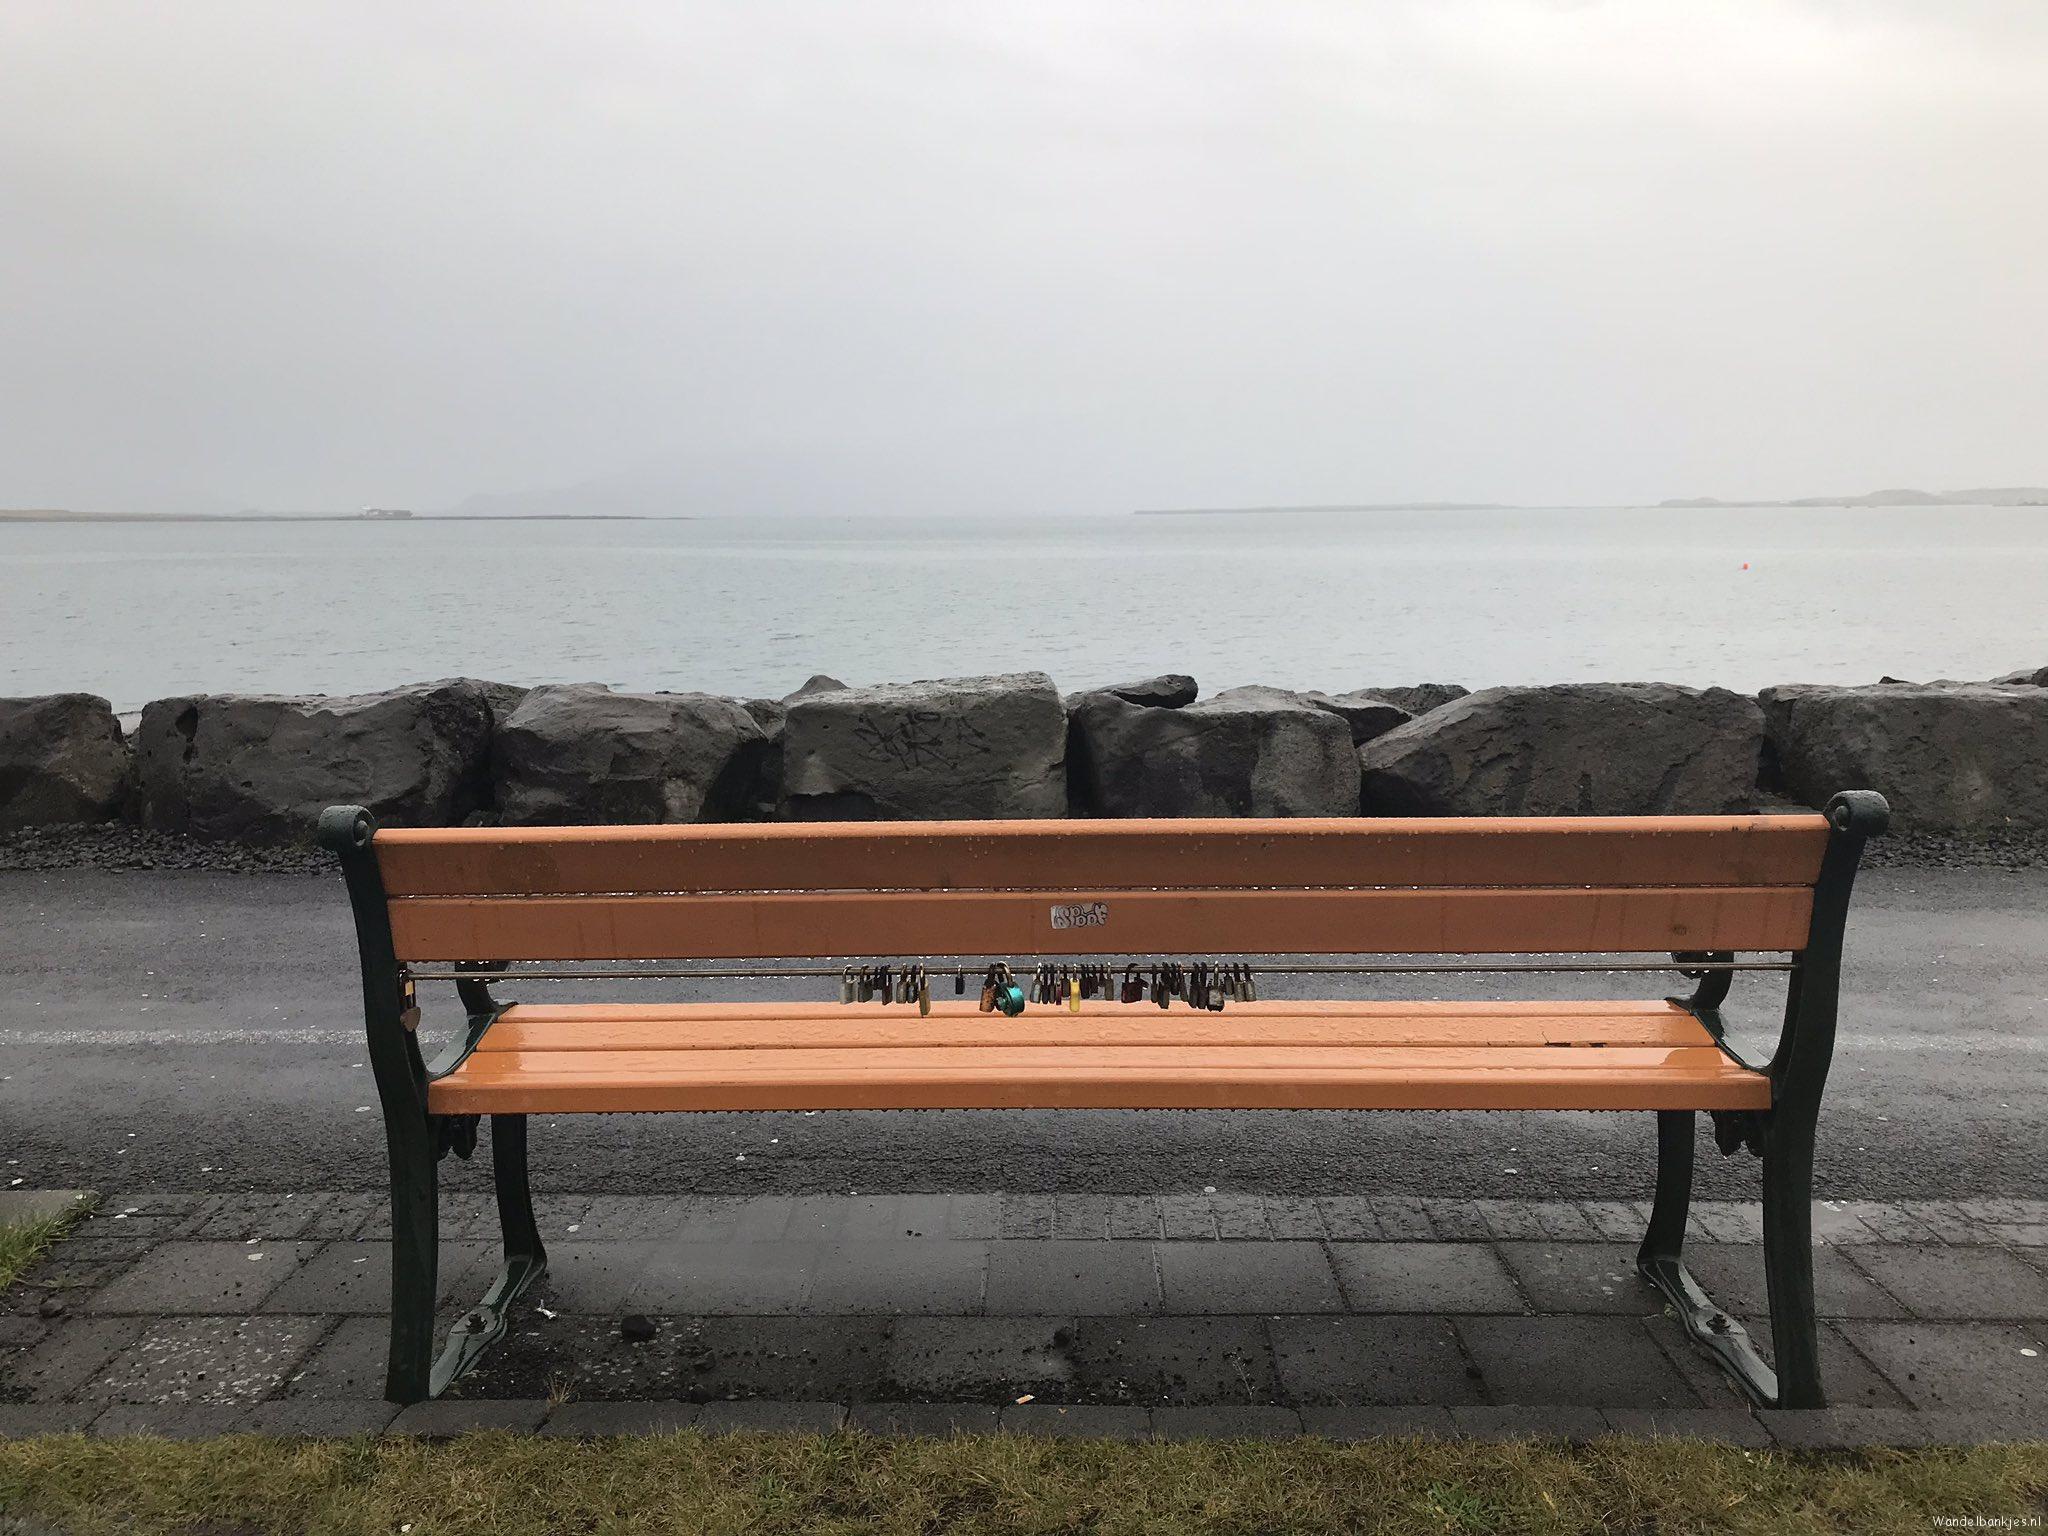 rt-waandersr-wandelbankjes-haven-reykjavik-https-t-co-sibjaxjcud